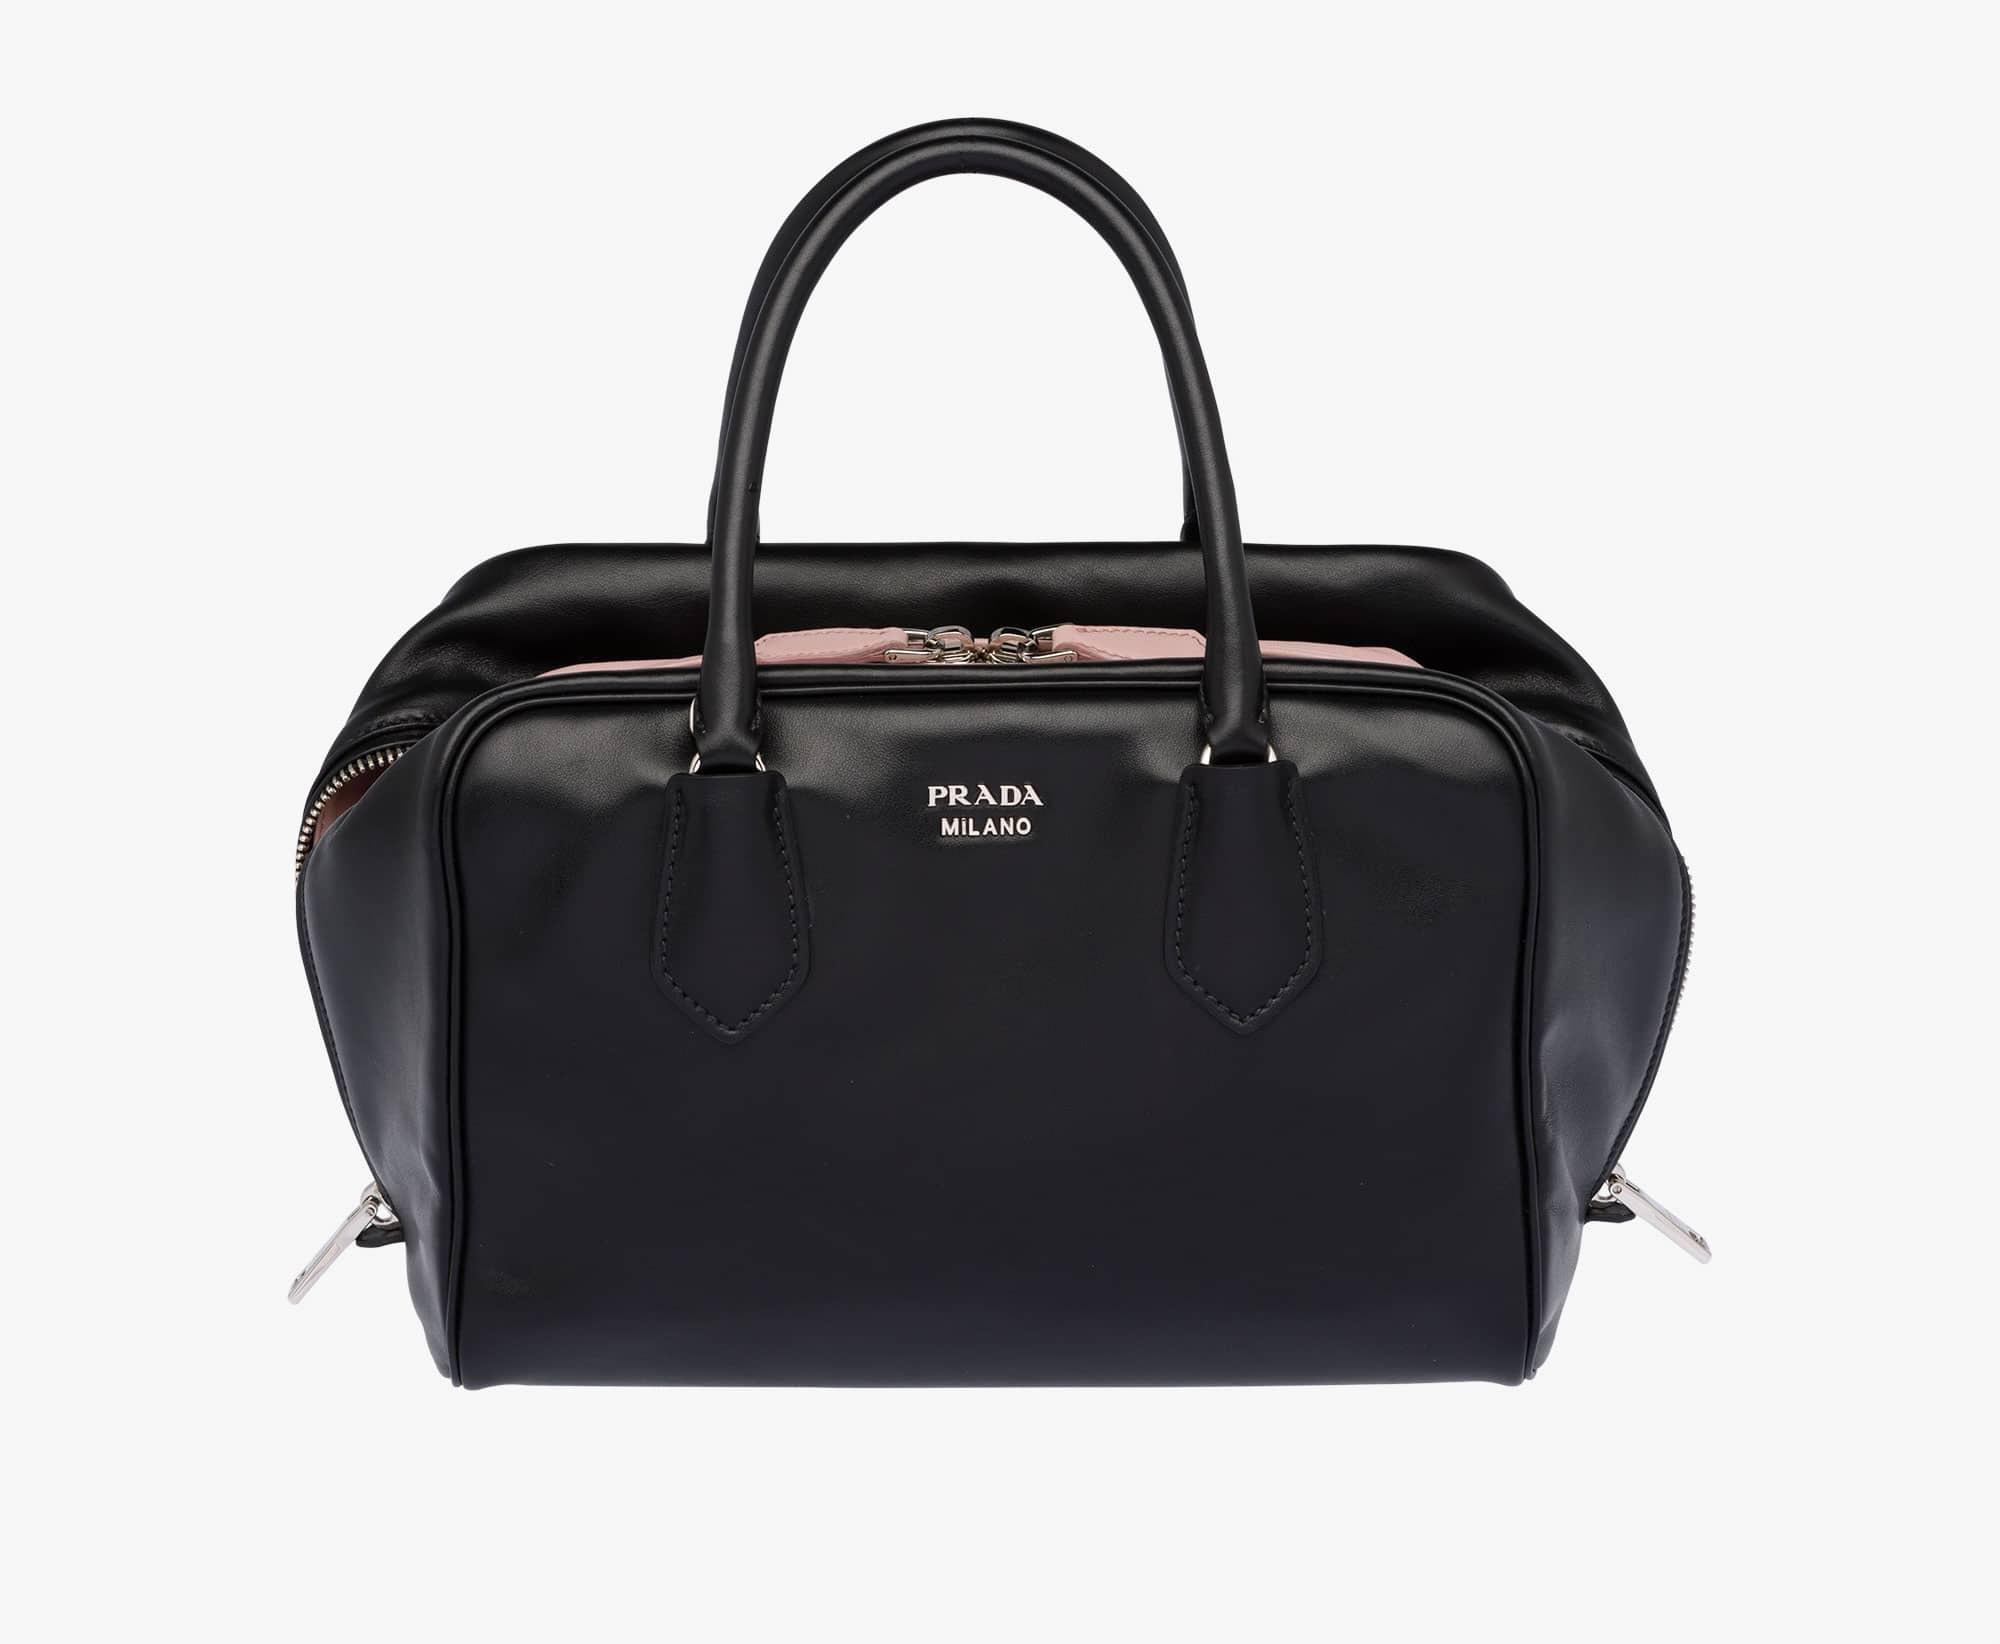 45 Best Prada Handbags Images In 2020 Prada Handbags Prada